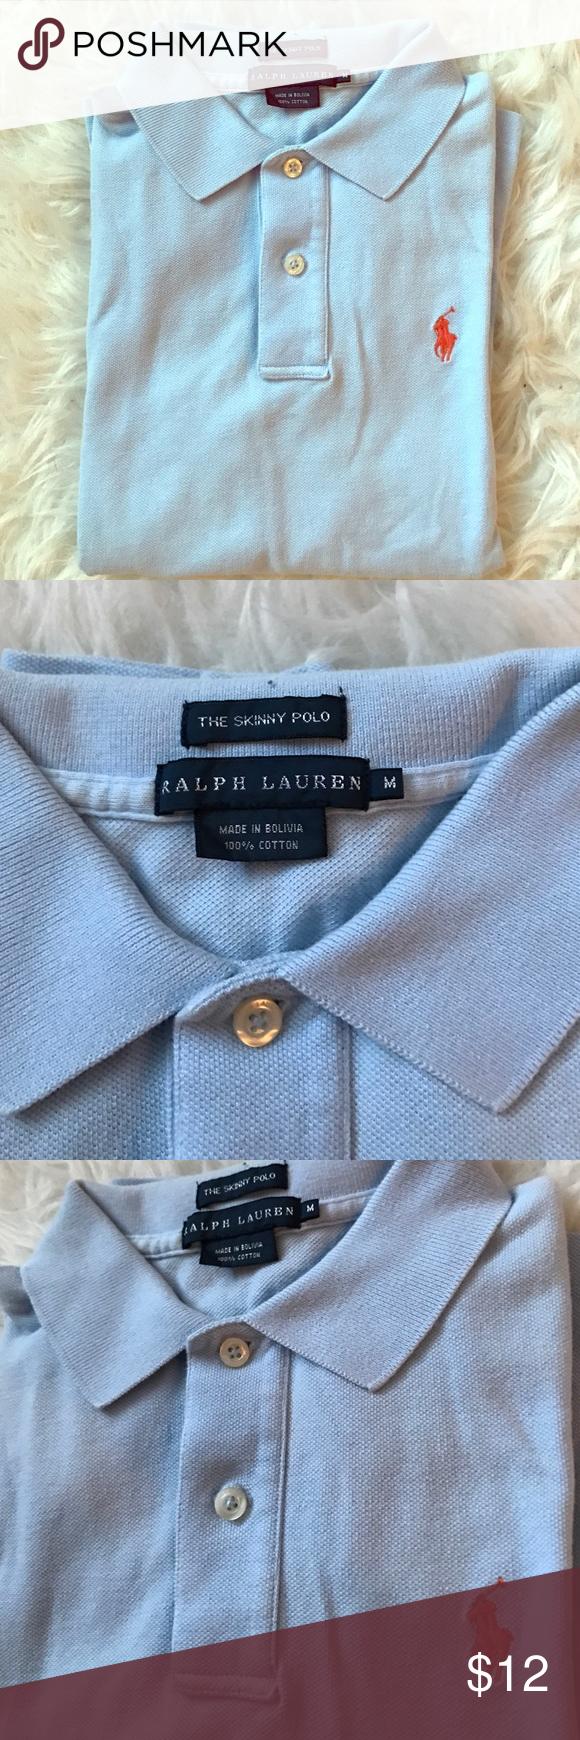 Ralph Lauren Women's The Skinny Polo Ralph Lauren Women's The Skinny Polo / Size: Medium / 100% Cotton / Color: Light Blue Ralph Lauren Tops